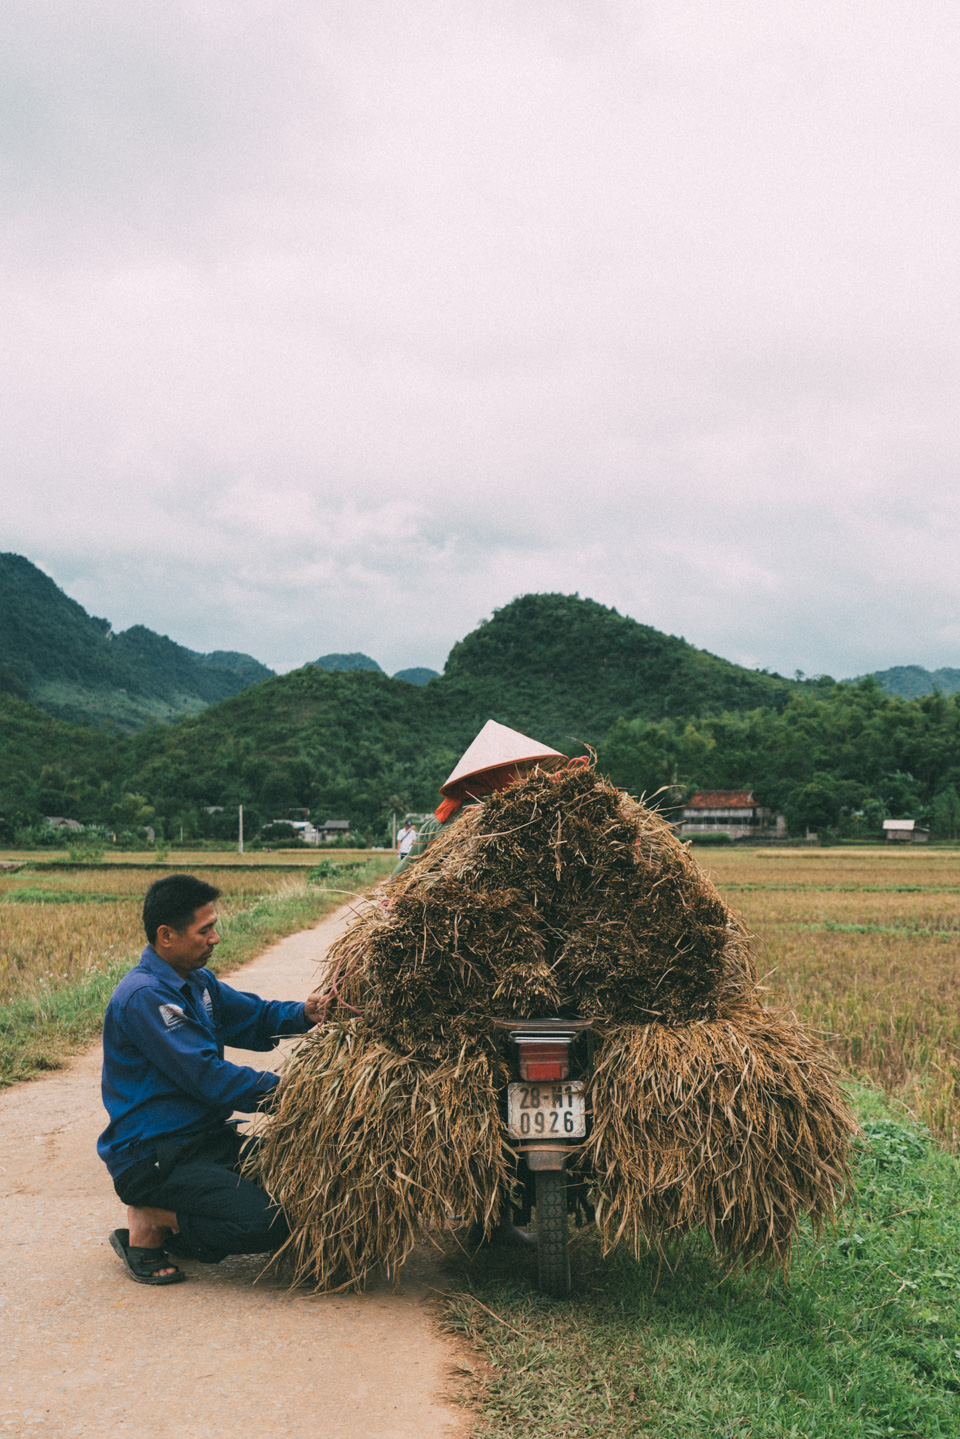 Road of Mau Chai